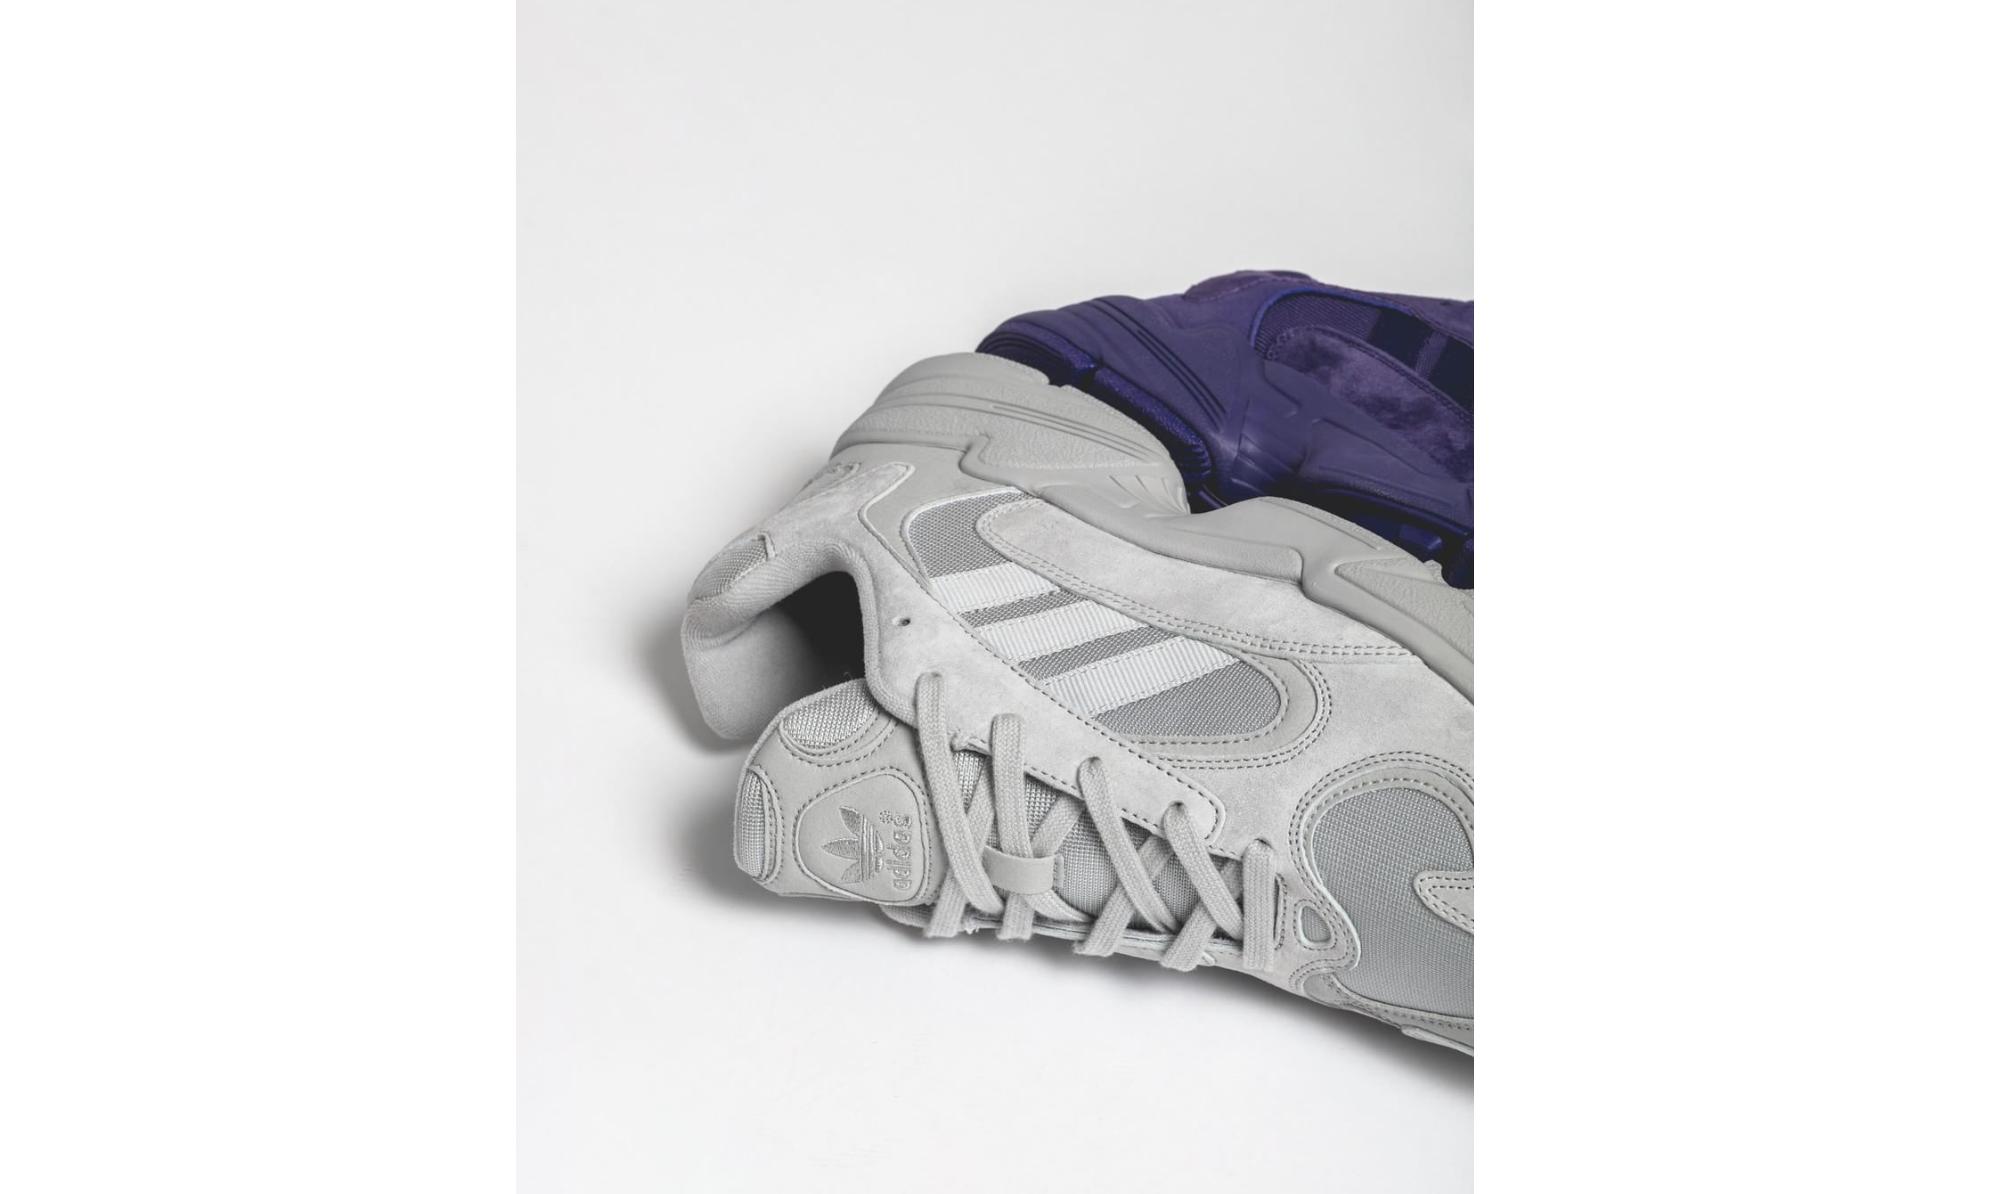 纯灰和纯紫,YUNG-1 两款新配色即将登场